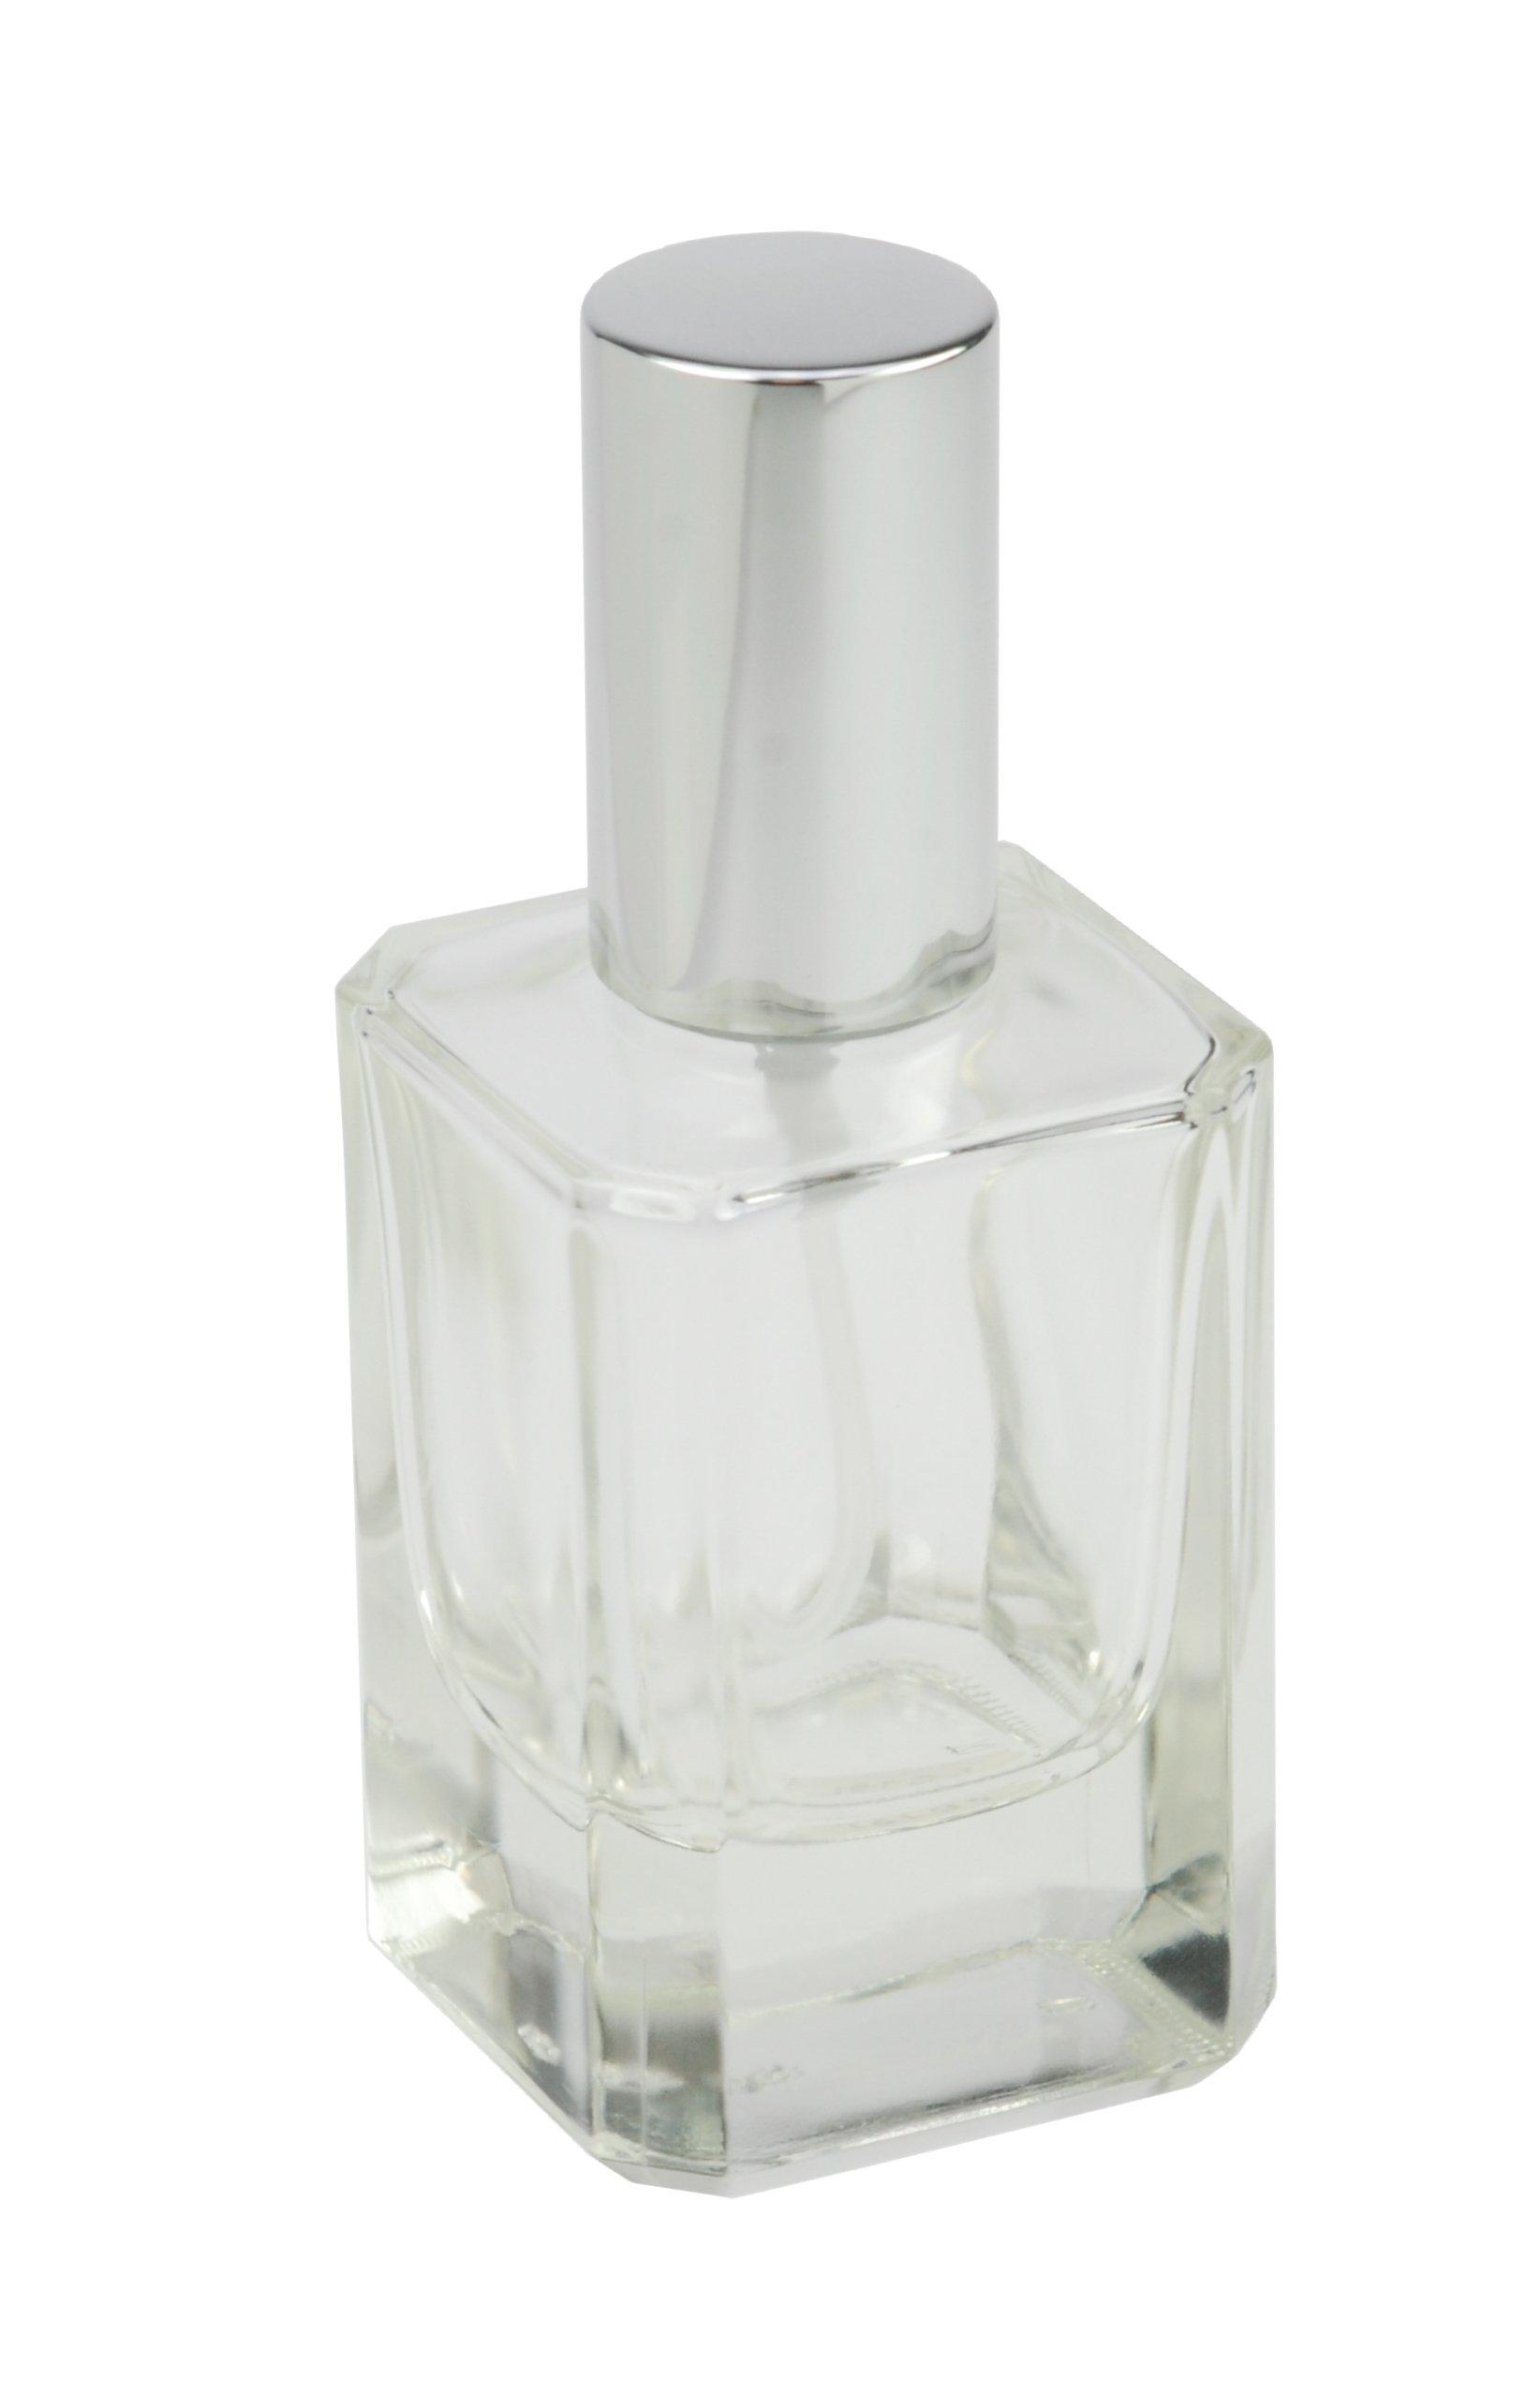 Détails sur Flacon de parfum carré avec pompe, vaporisateur et bouchon Argenté 50 ml